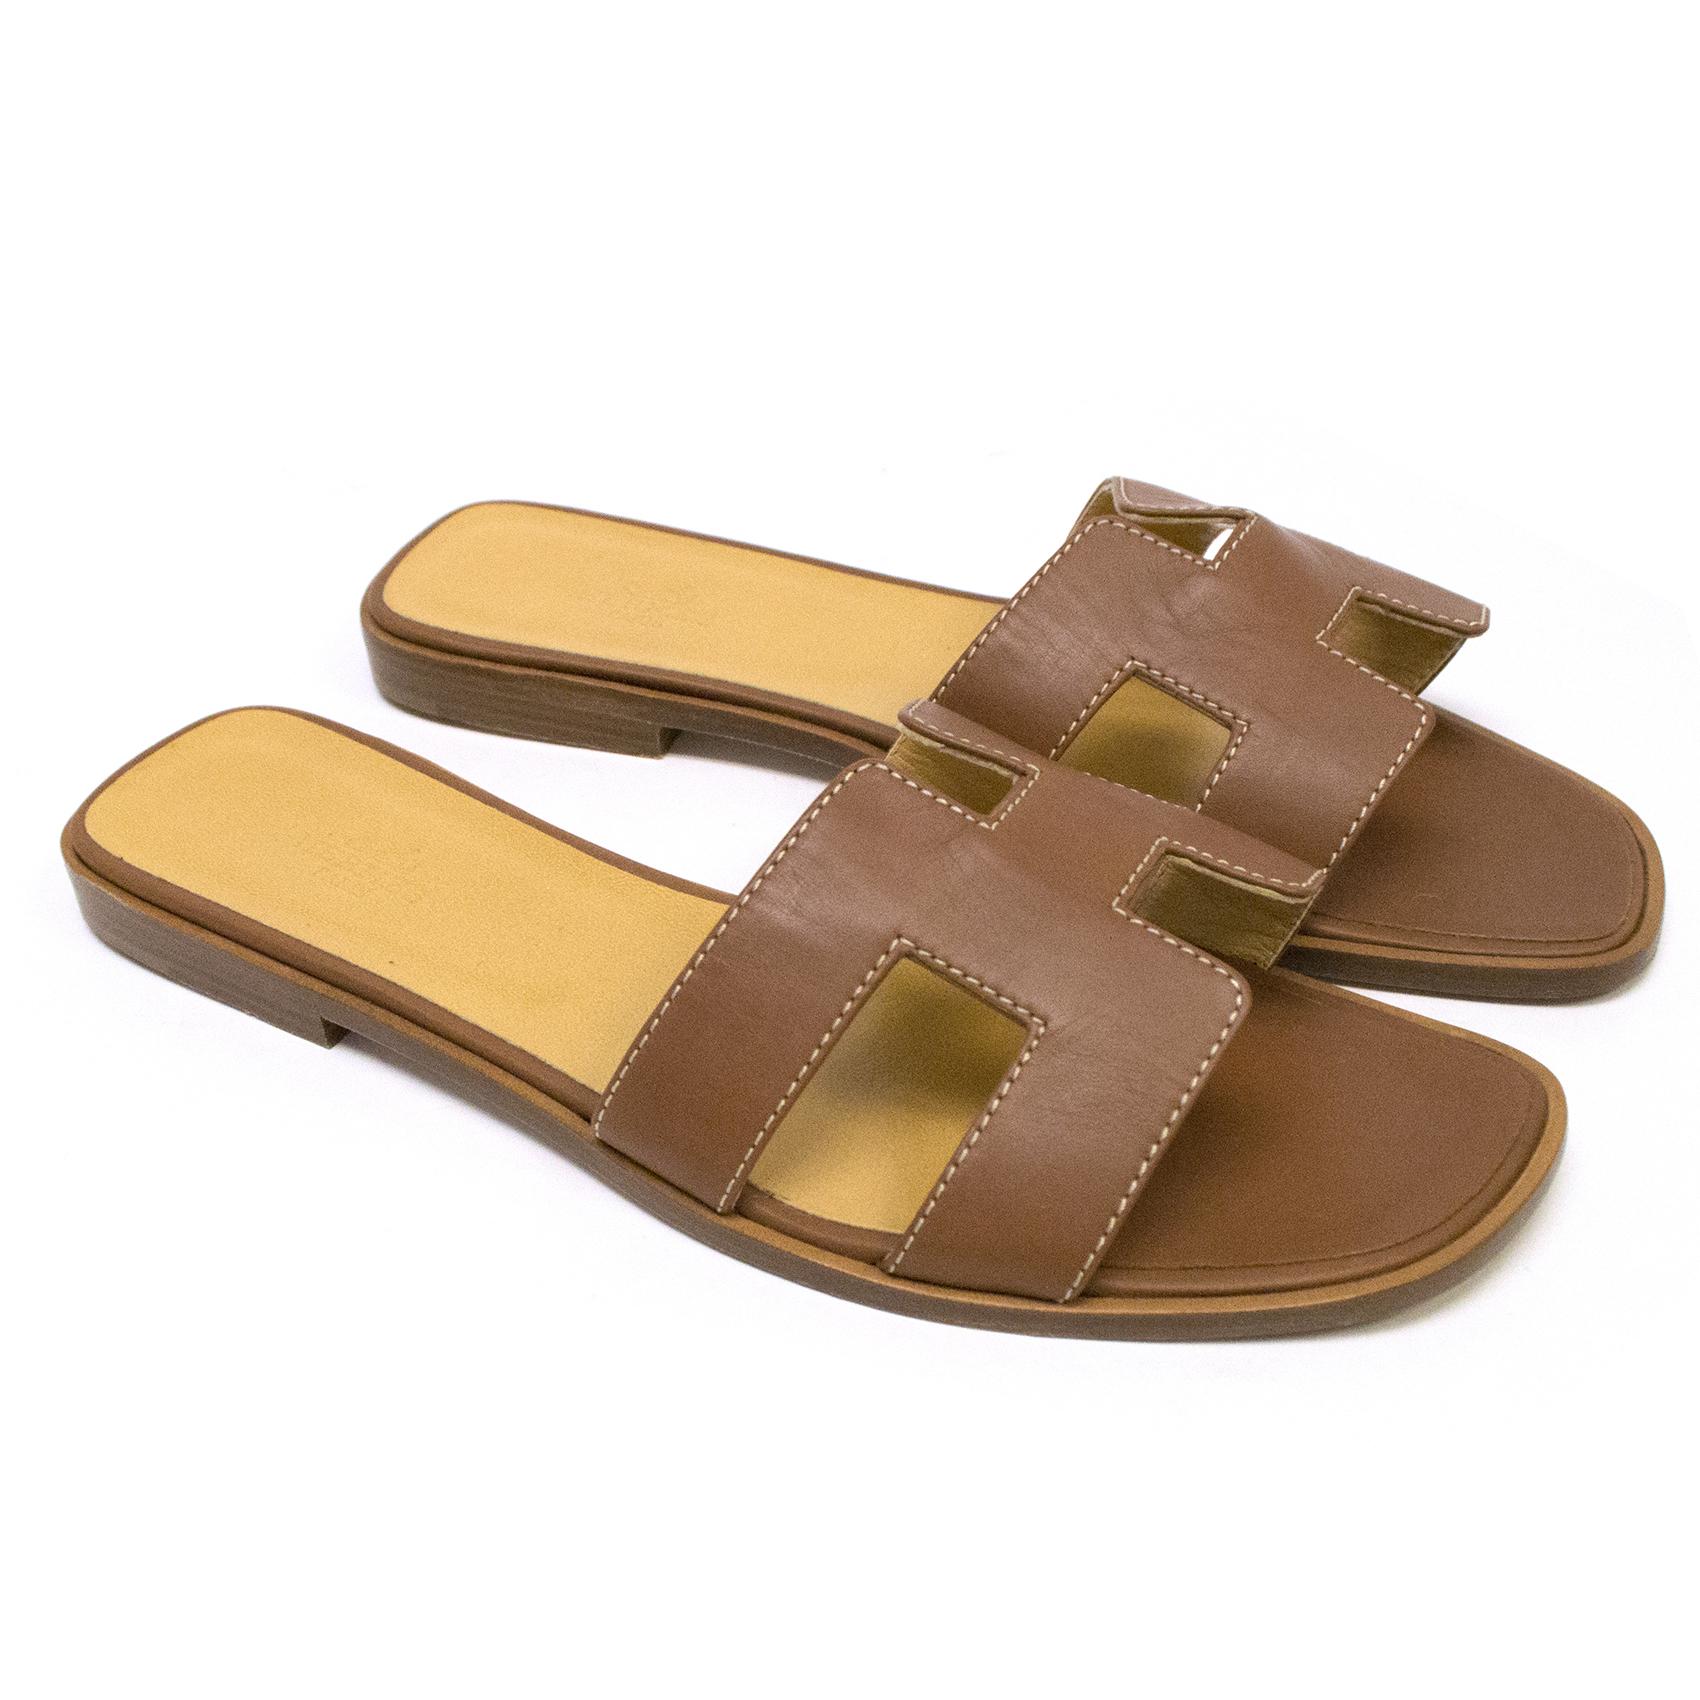 hermes slippers 219